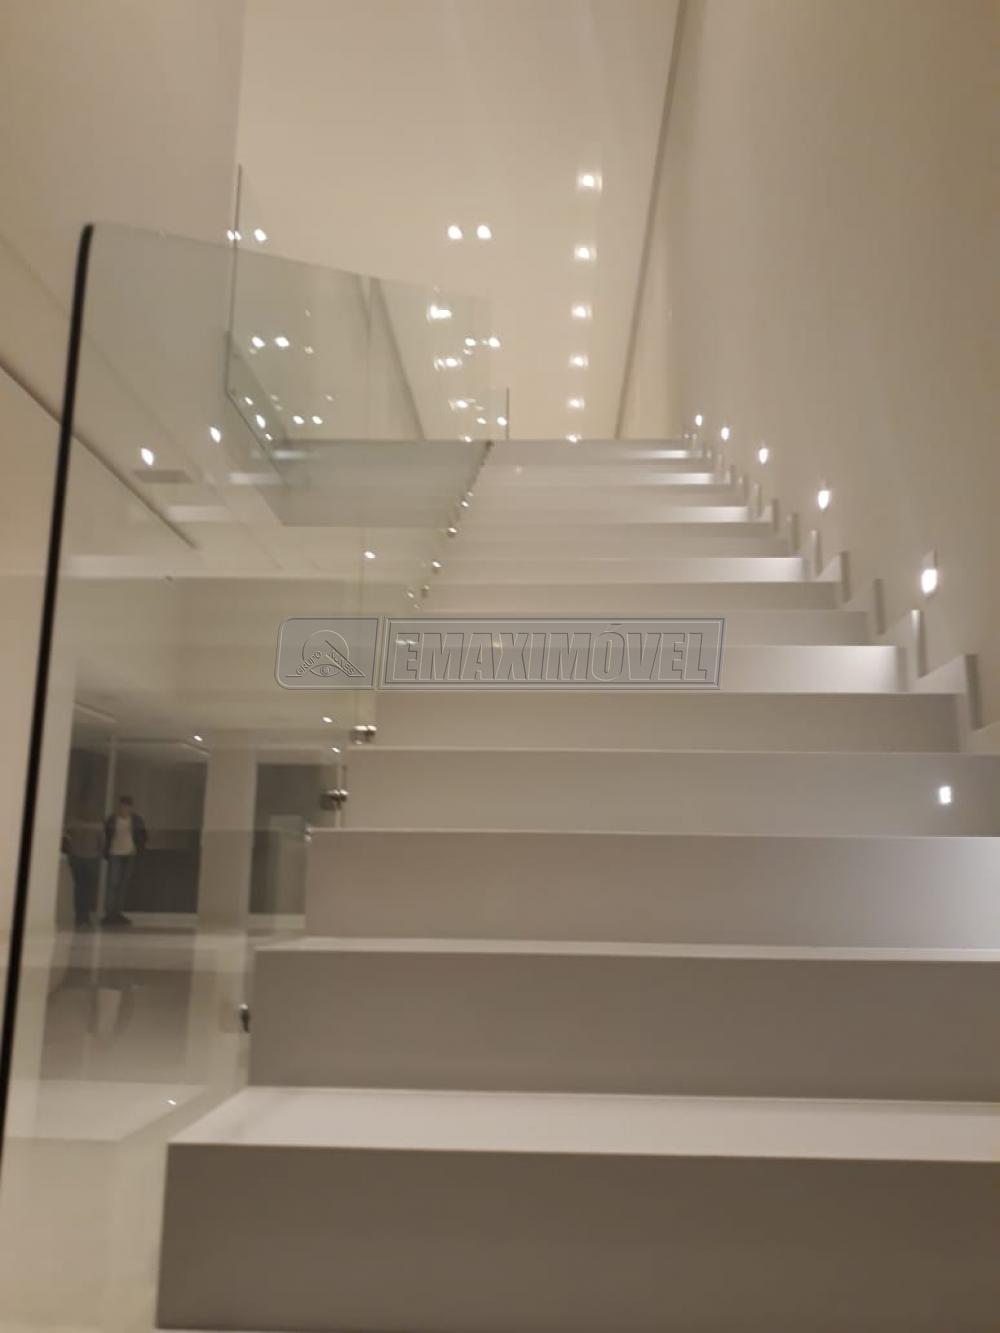 Comprar Casas / em Condomínios em Sorocaba apenas R$ 3.600.000,00 - Foto 6